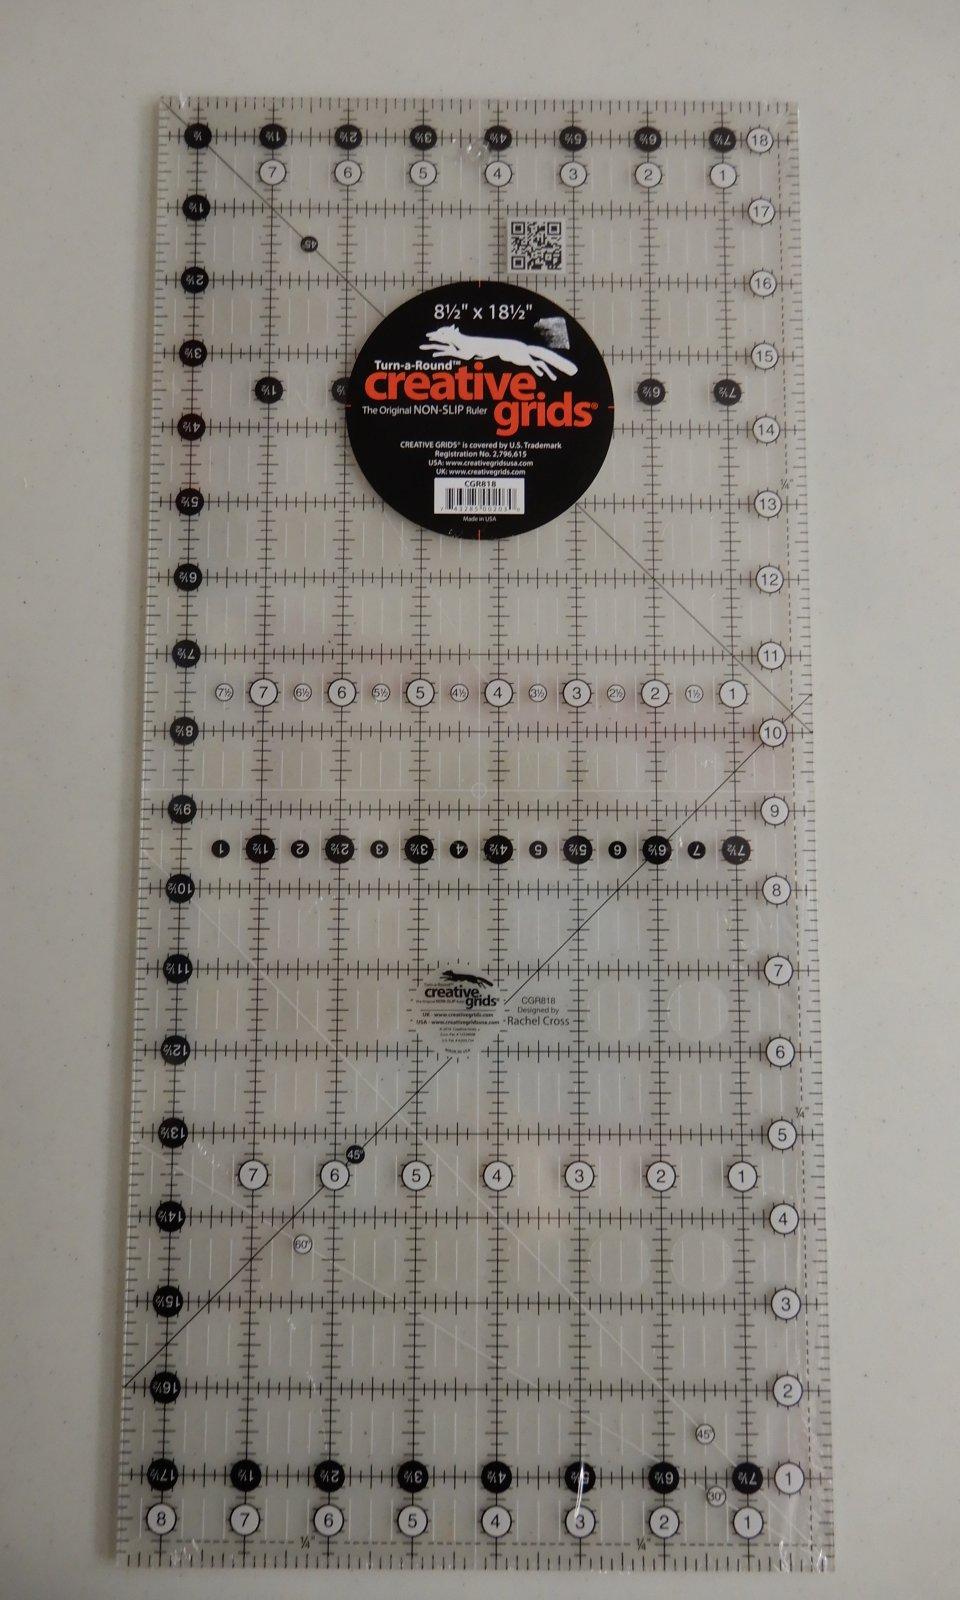 Creative Grids 81/2 X 18 1/2  Turn-a-Round Ruler